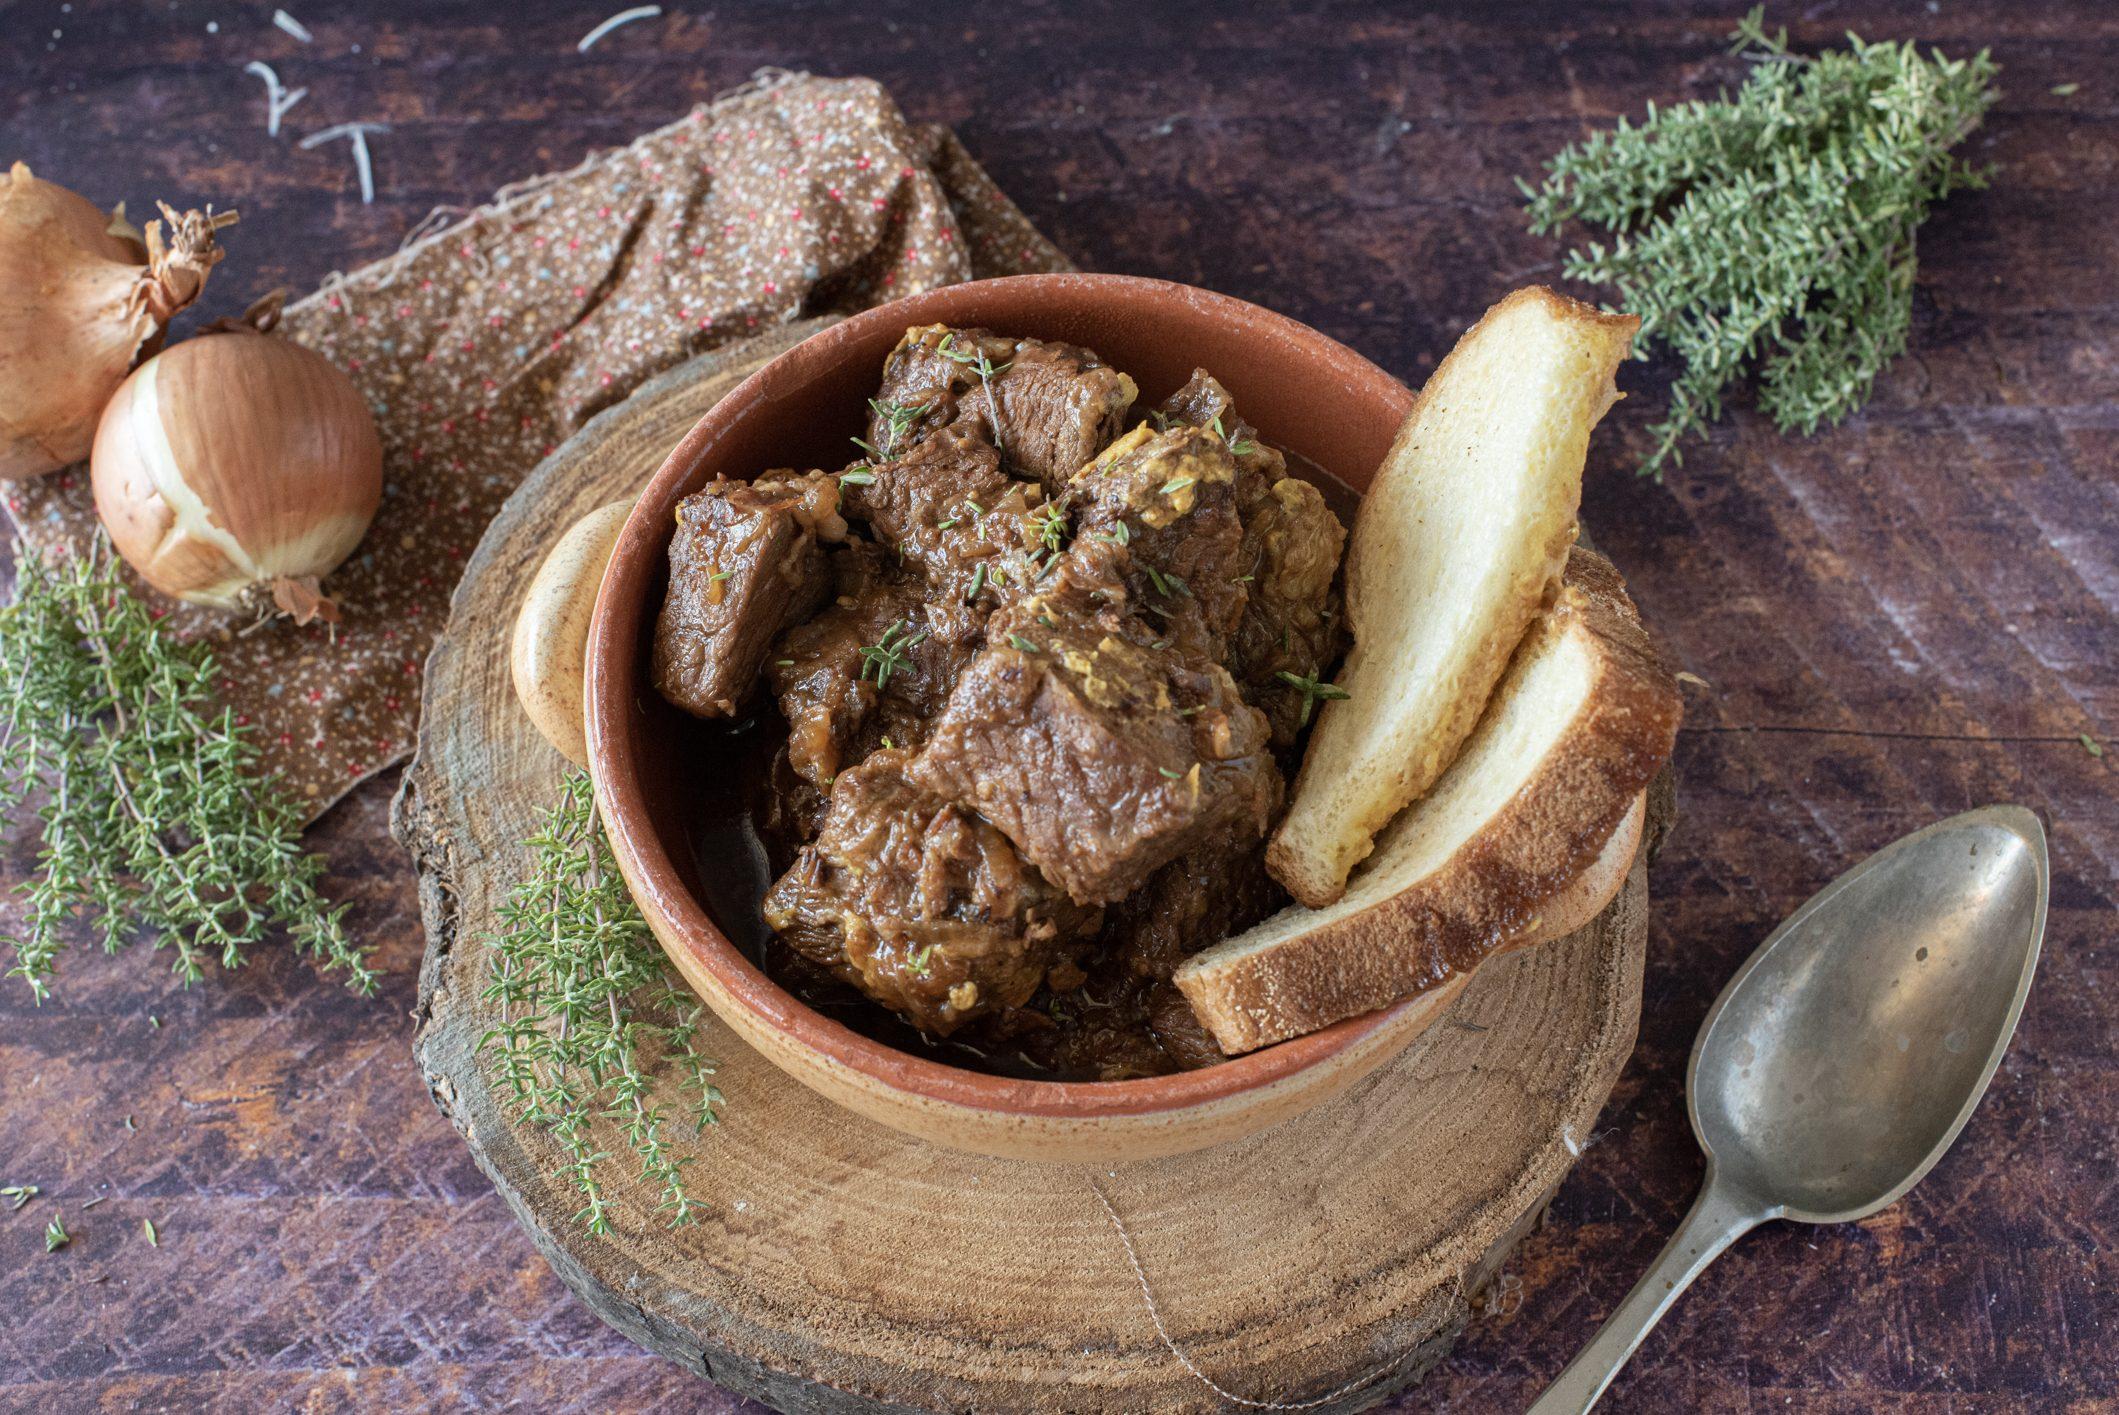 Carbonade alla fiamminga: la ricetta dello spezzatino di carne morbido e succoso